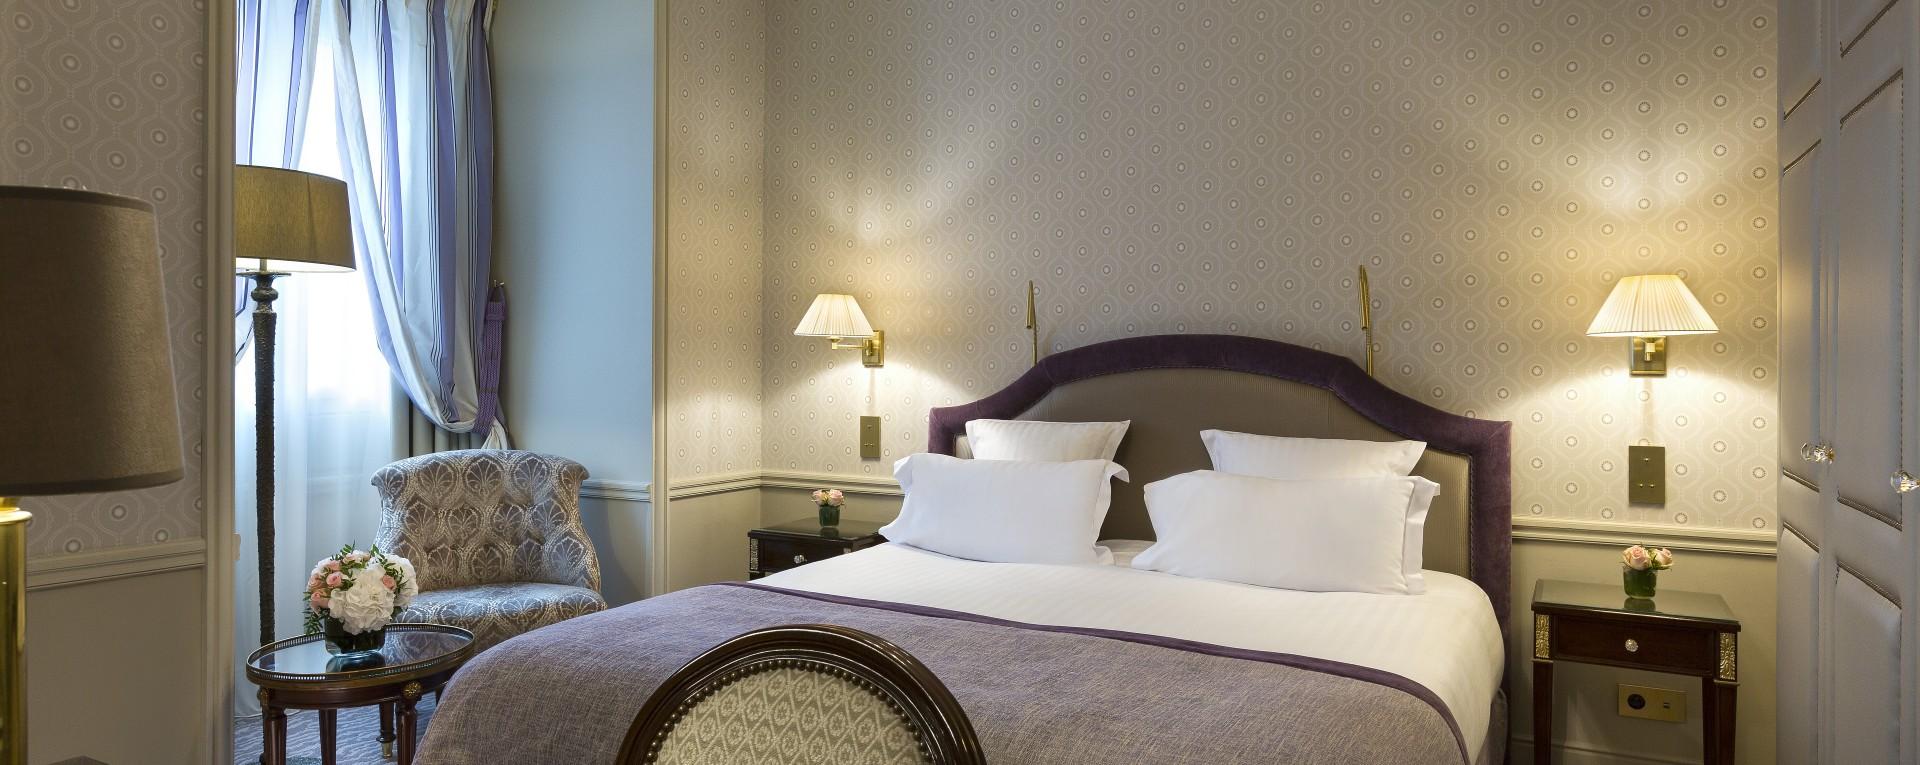 Westminster Hotel, Paris, France, Europe - Luxury short breaks ...